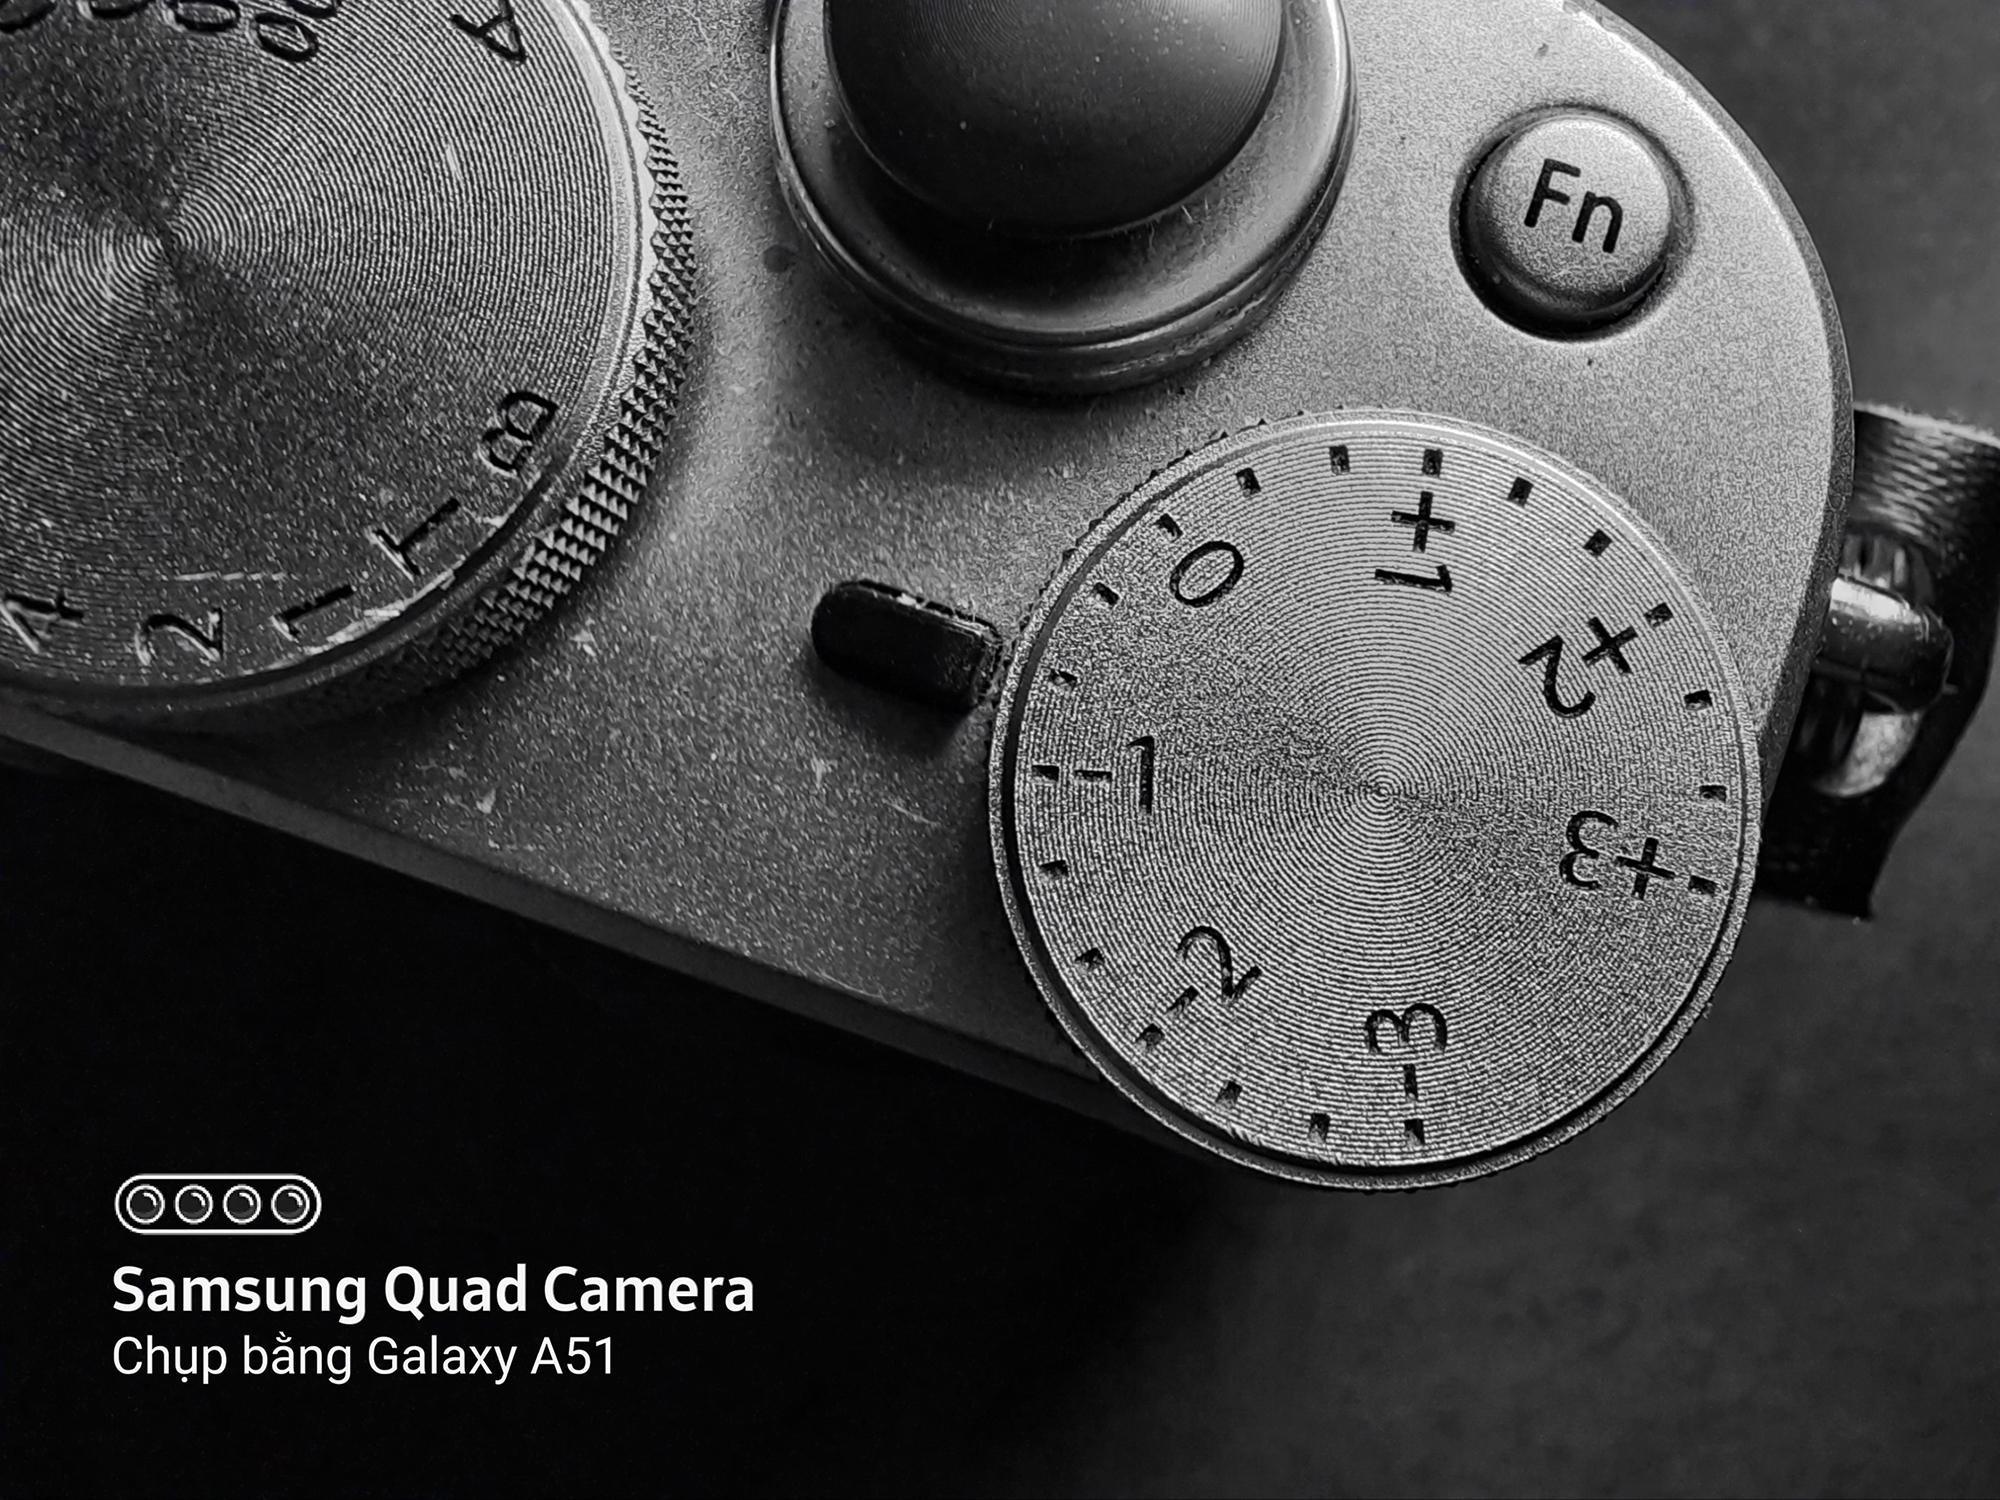 Không cần đi tìm những bức ảnh thật deep trên mạng nữa, bạn có thể tự chụp bằng Galaxy A51 - Ảnh 4.